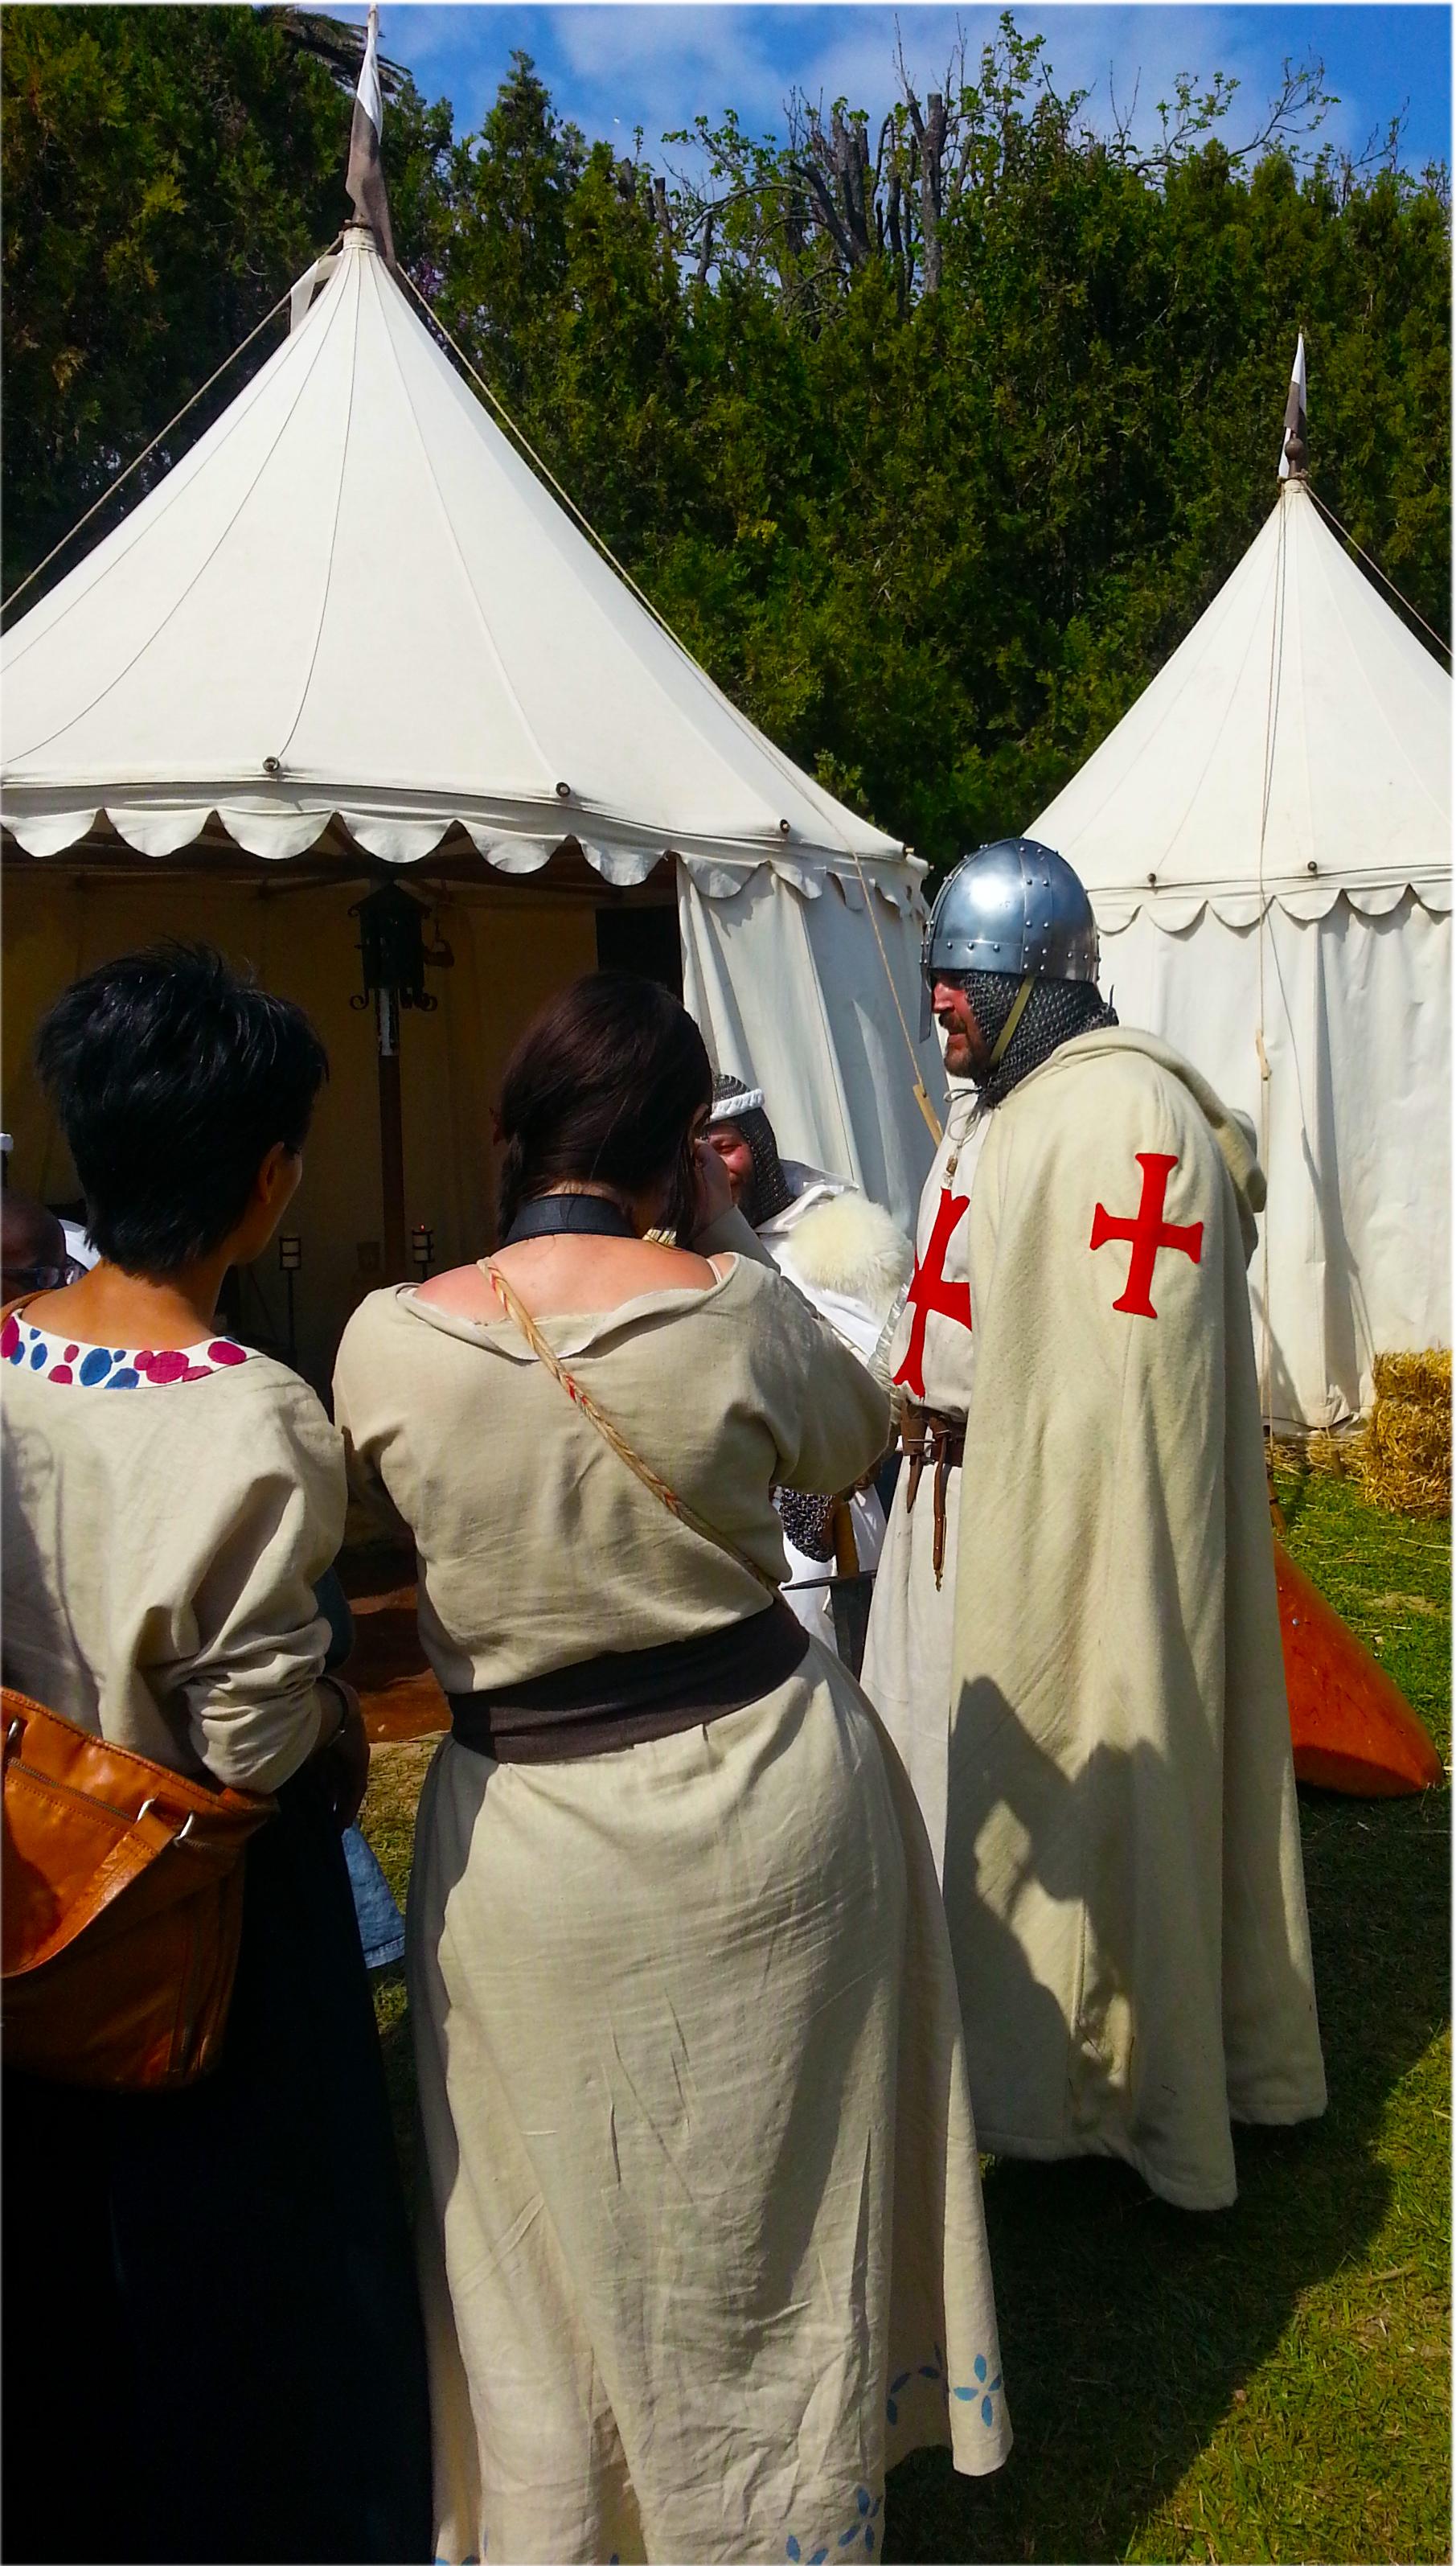 personnages médiévaux Biot et les Templiers